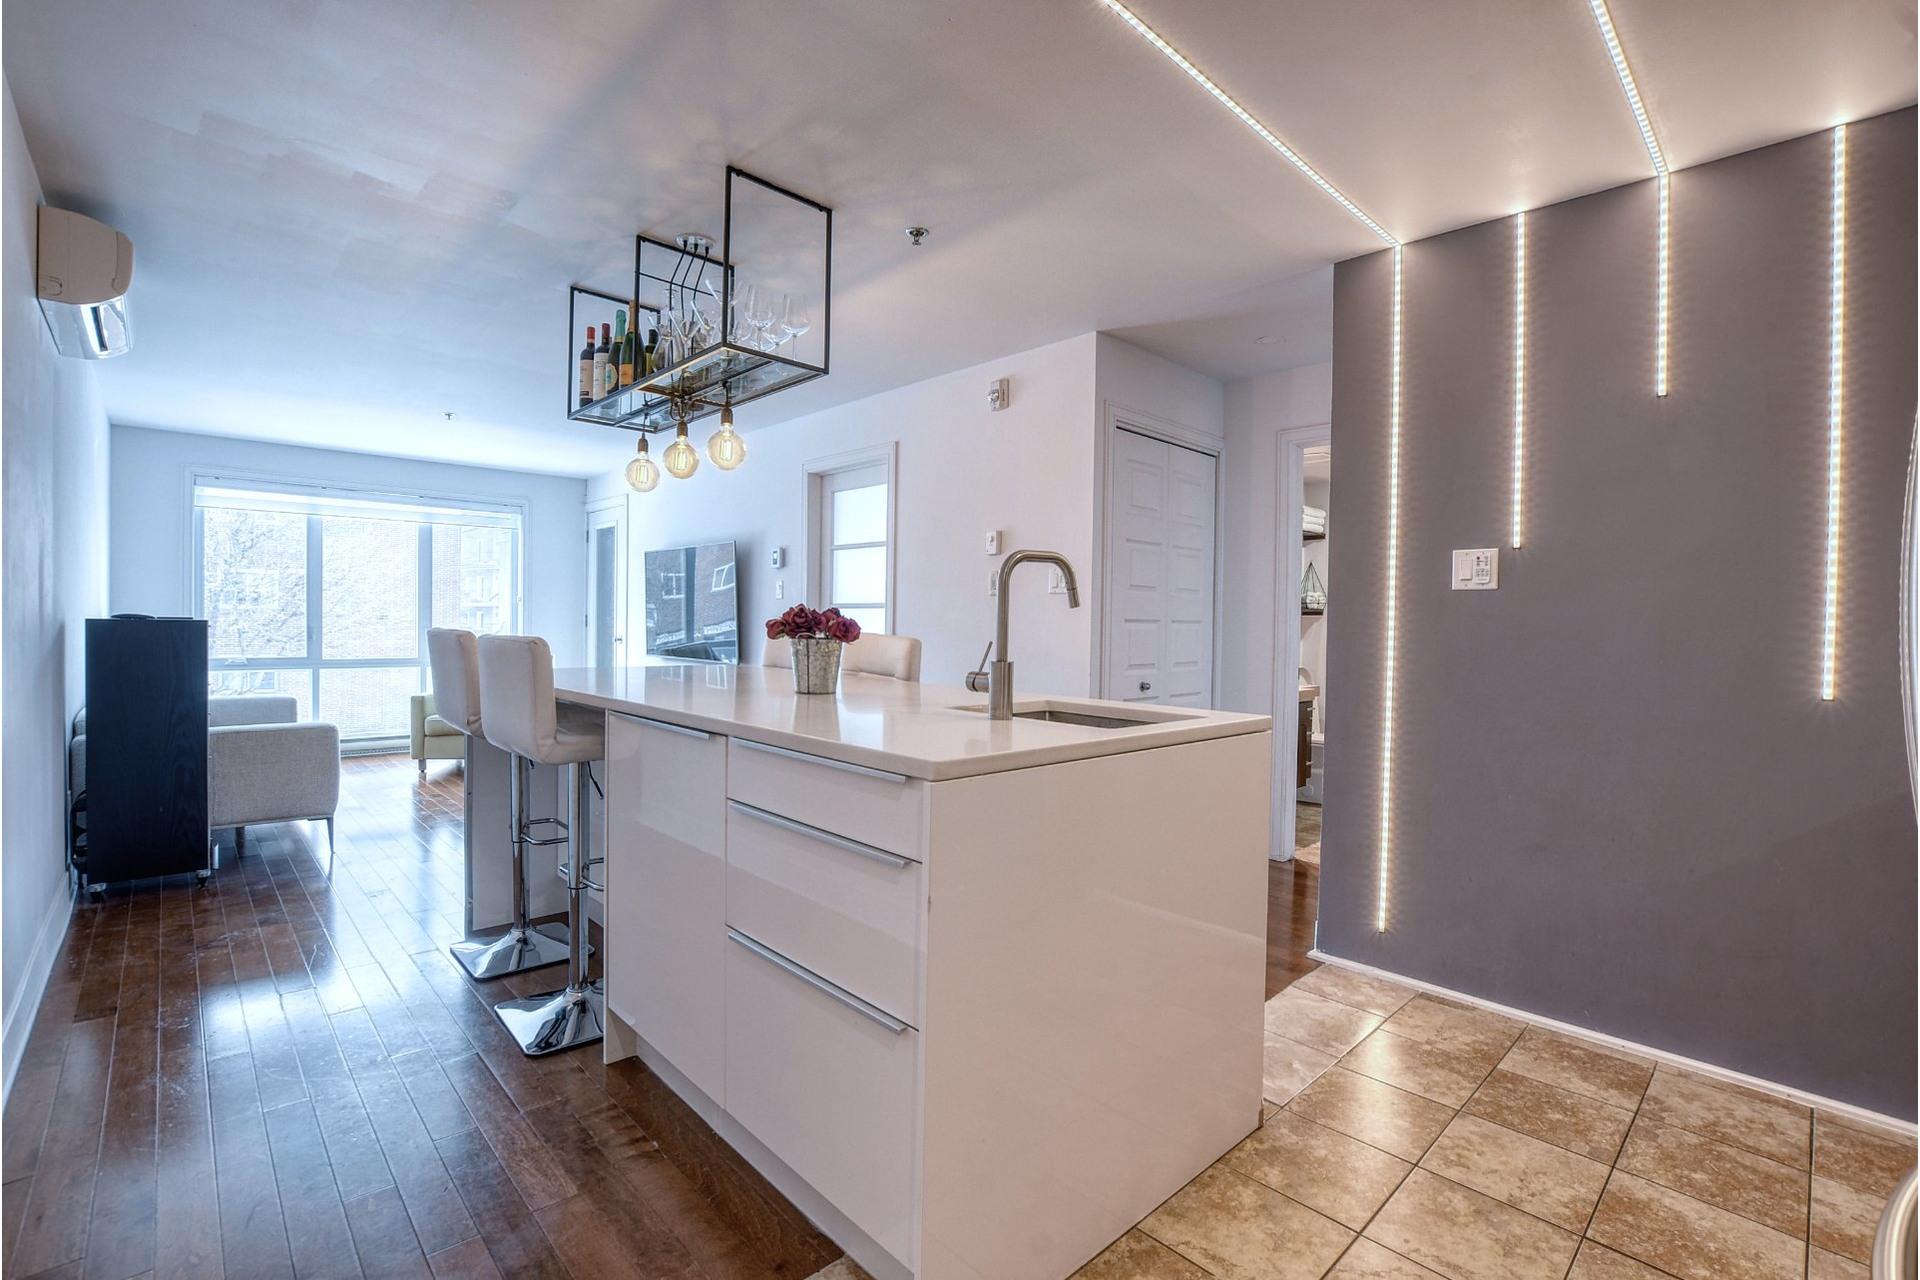 image 7 - Apartment For sale Ahuntsic-Cartierville Montréal  - 4 rooms